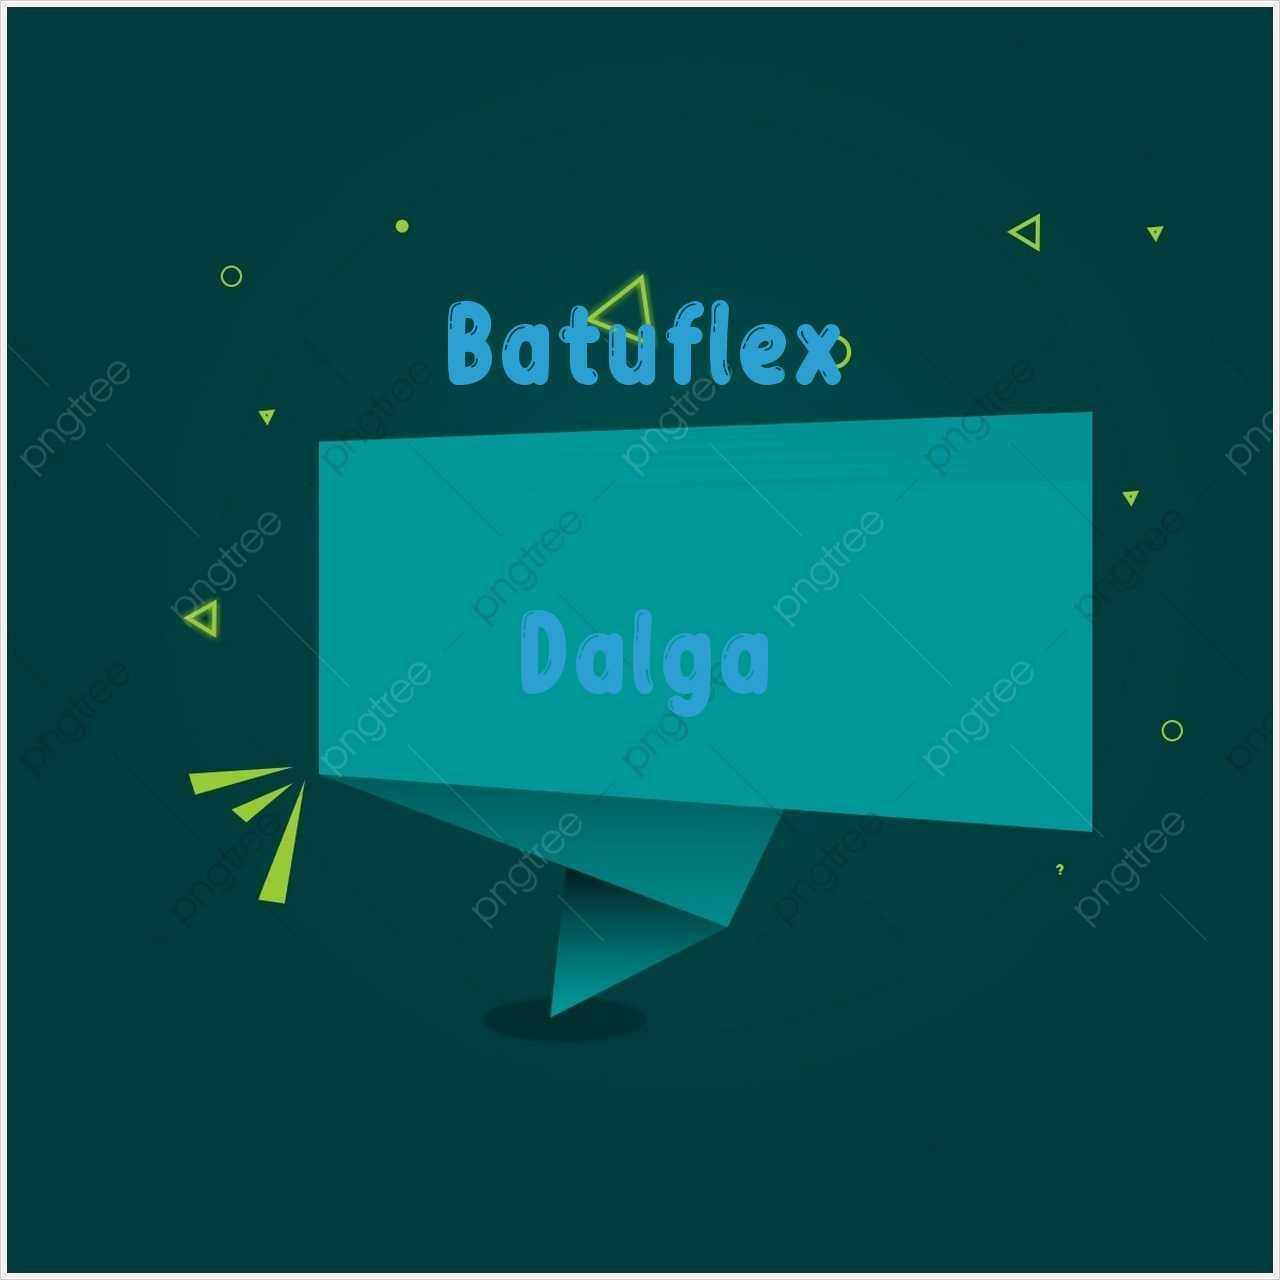 دانلود آهنگ جدید Batuflex به نام Dalga